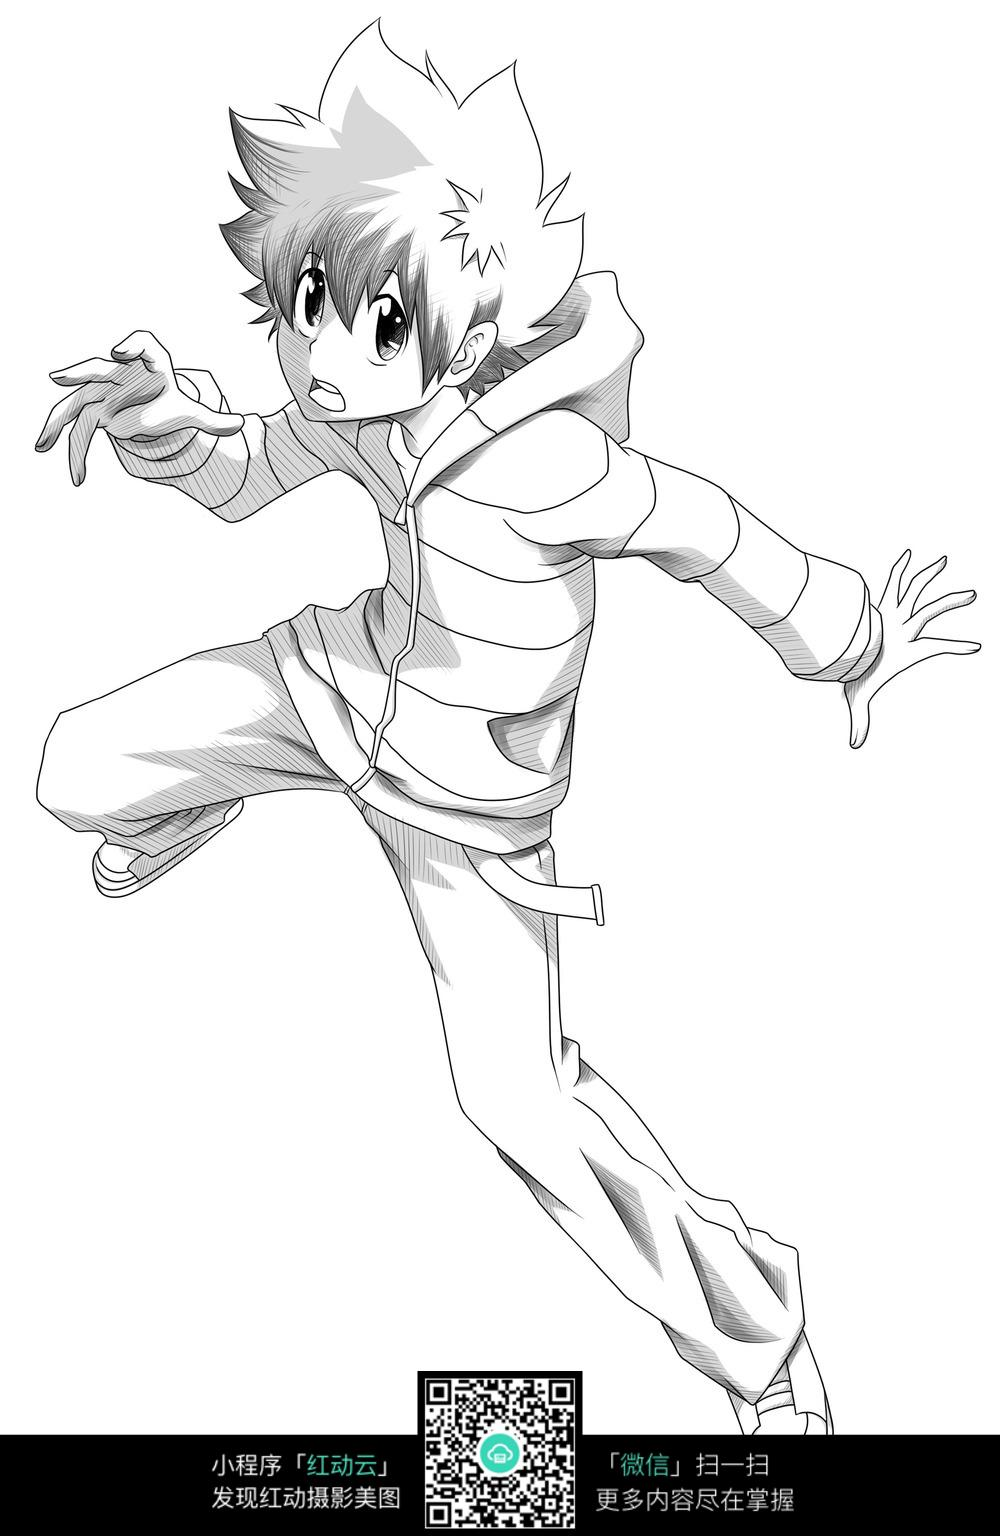 沢田纲吉全身铅笔手绘图